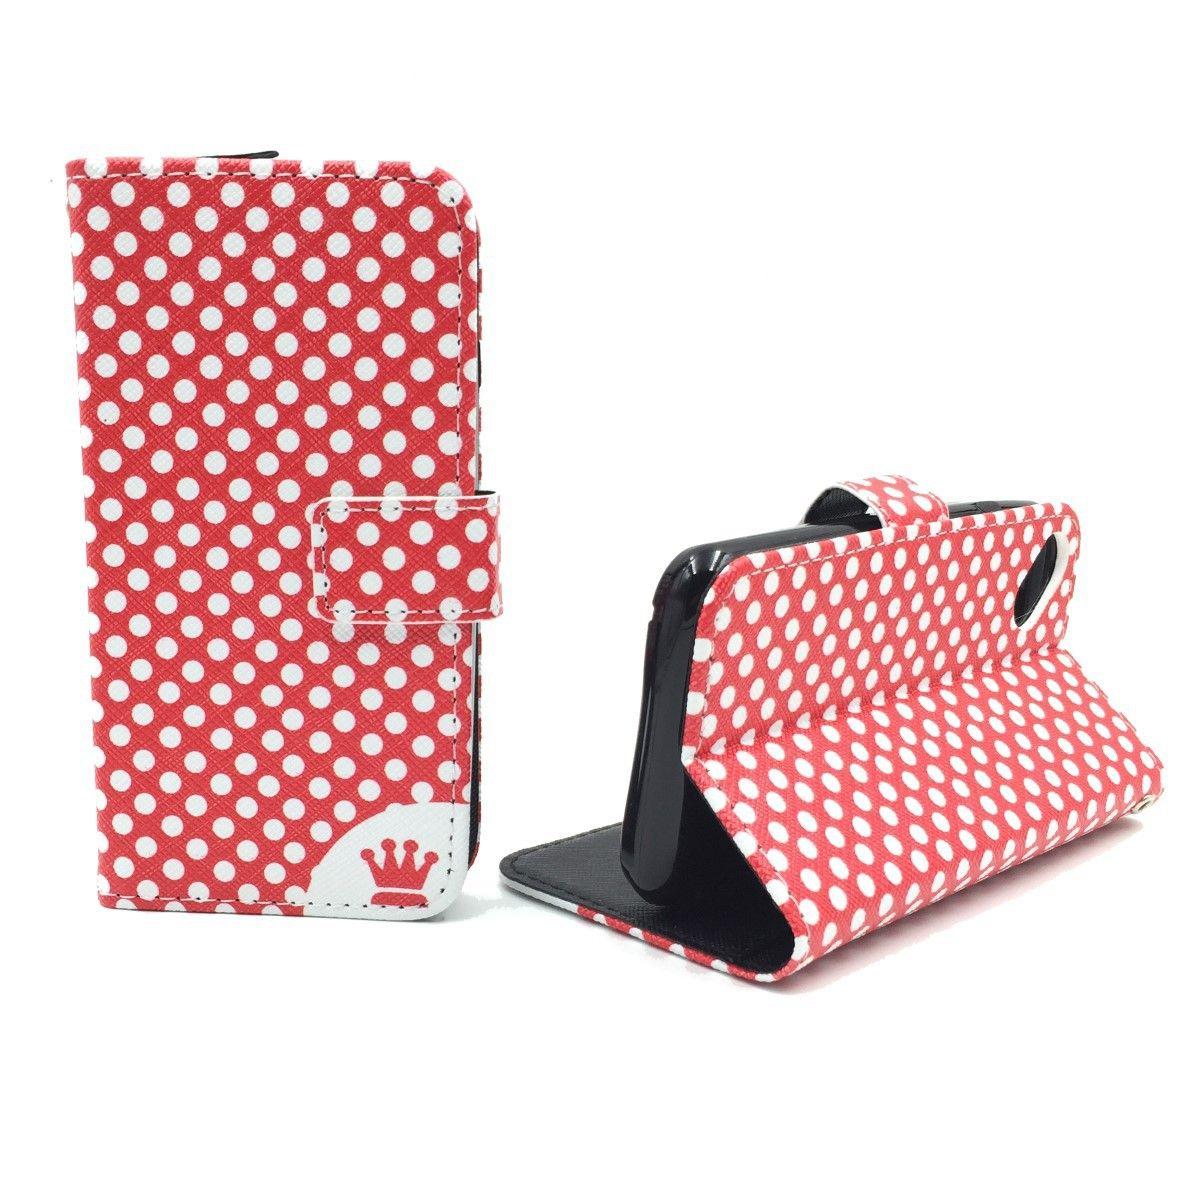 Handyhülle Tasche für Handy Wiko Sunset 2 Polka Dot Rot